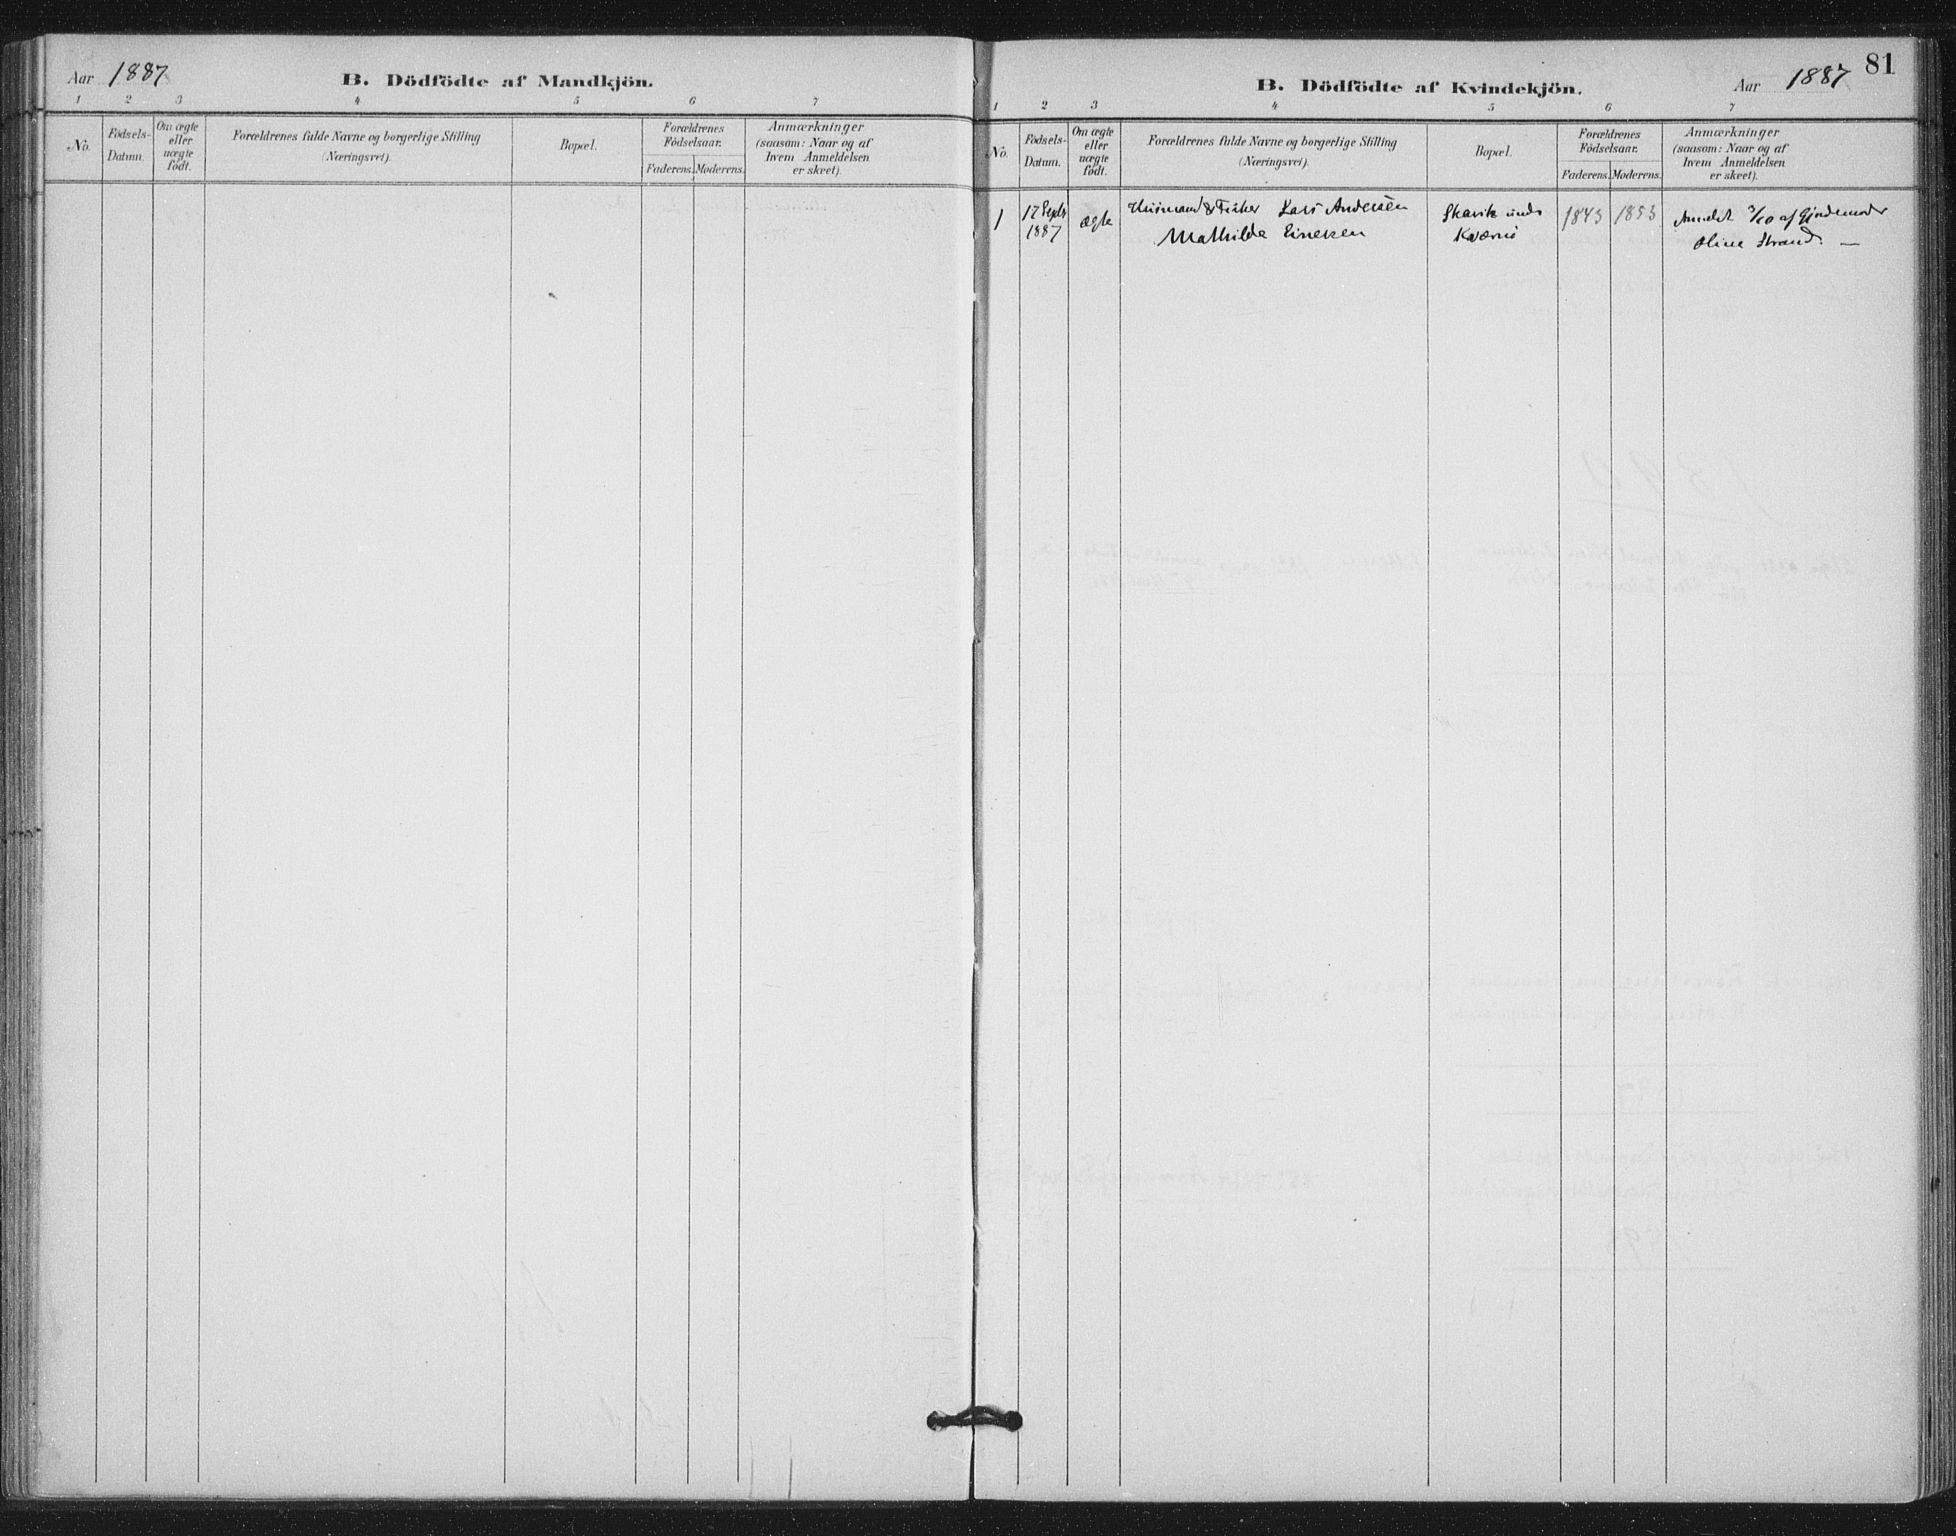 SAT, Ministerialprotokoller, klokkerbøker og fødselsregistre - Nord-Trøndelag, 772/L0603: Ministerialbok nr. 772A01, 1885-1912, s. 81